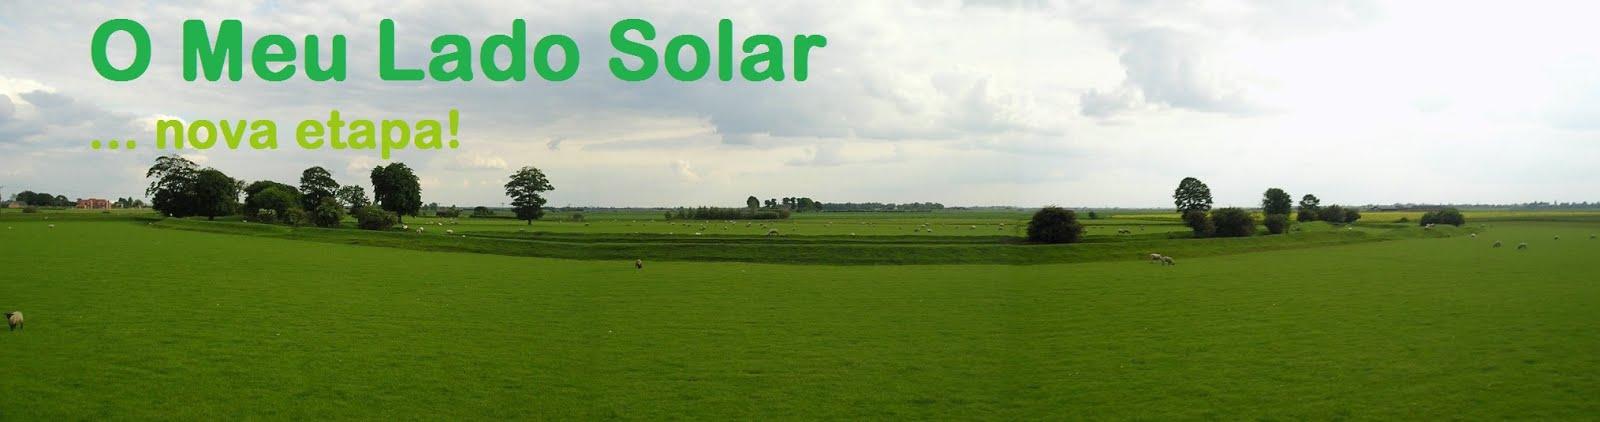 <strong>O MEU LADO SOLAR</strong><br><small><i>...nova etapa!</i></small>